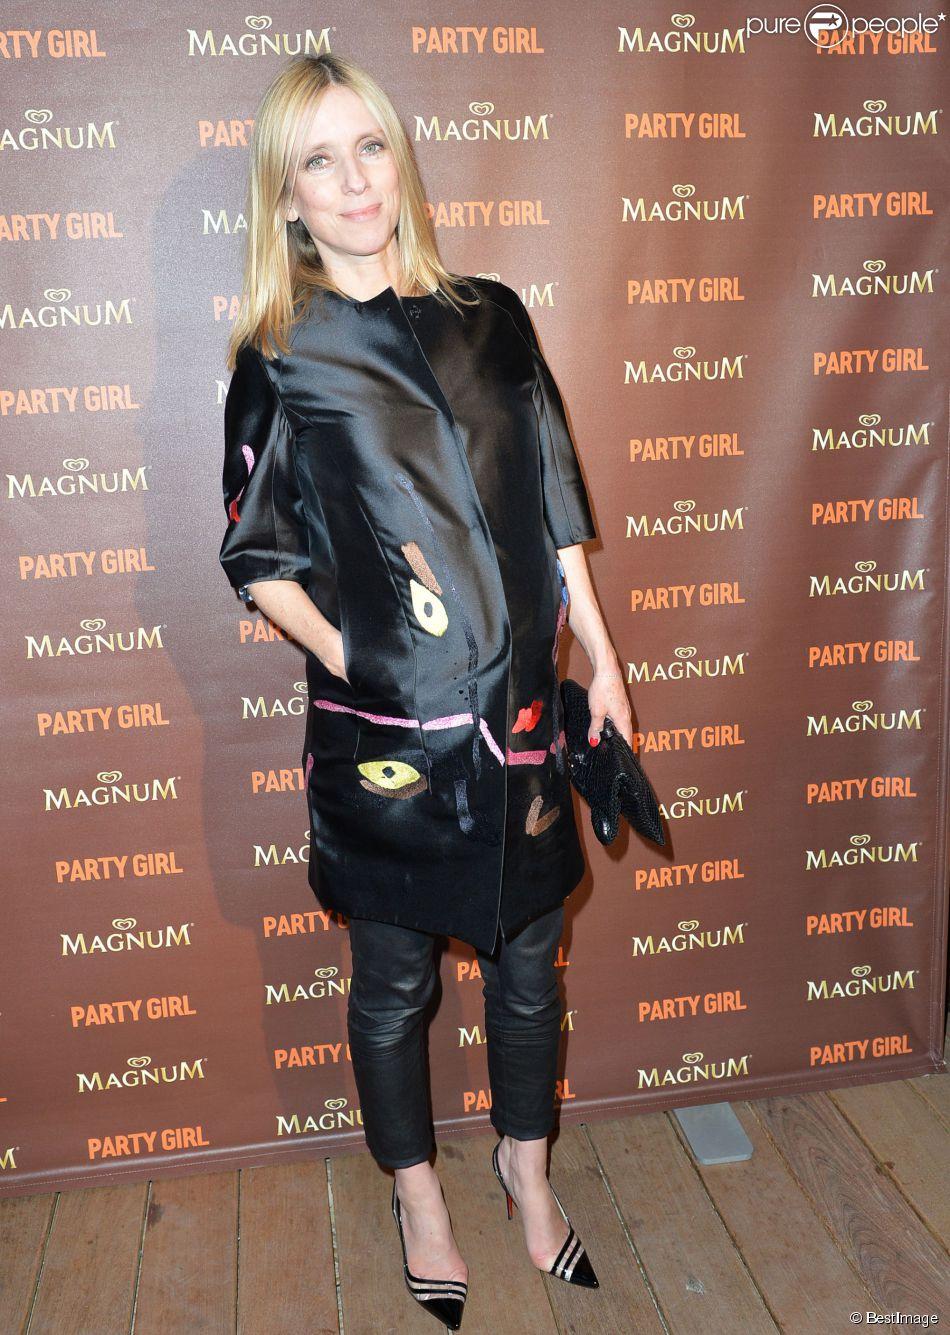 """Léa Drucker enceinte - Soirée du film """"Party Girl"""" en compétition pour Un Certain Regard sur la plage Magnum lors du 67e festival international du film de Cannes à Cannes le 15 mai 2014."""